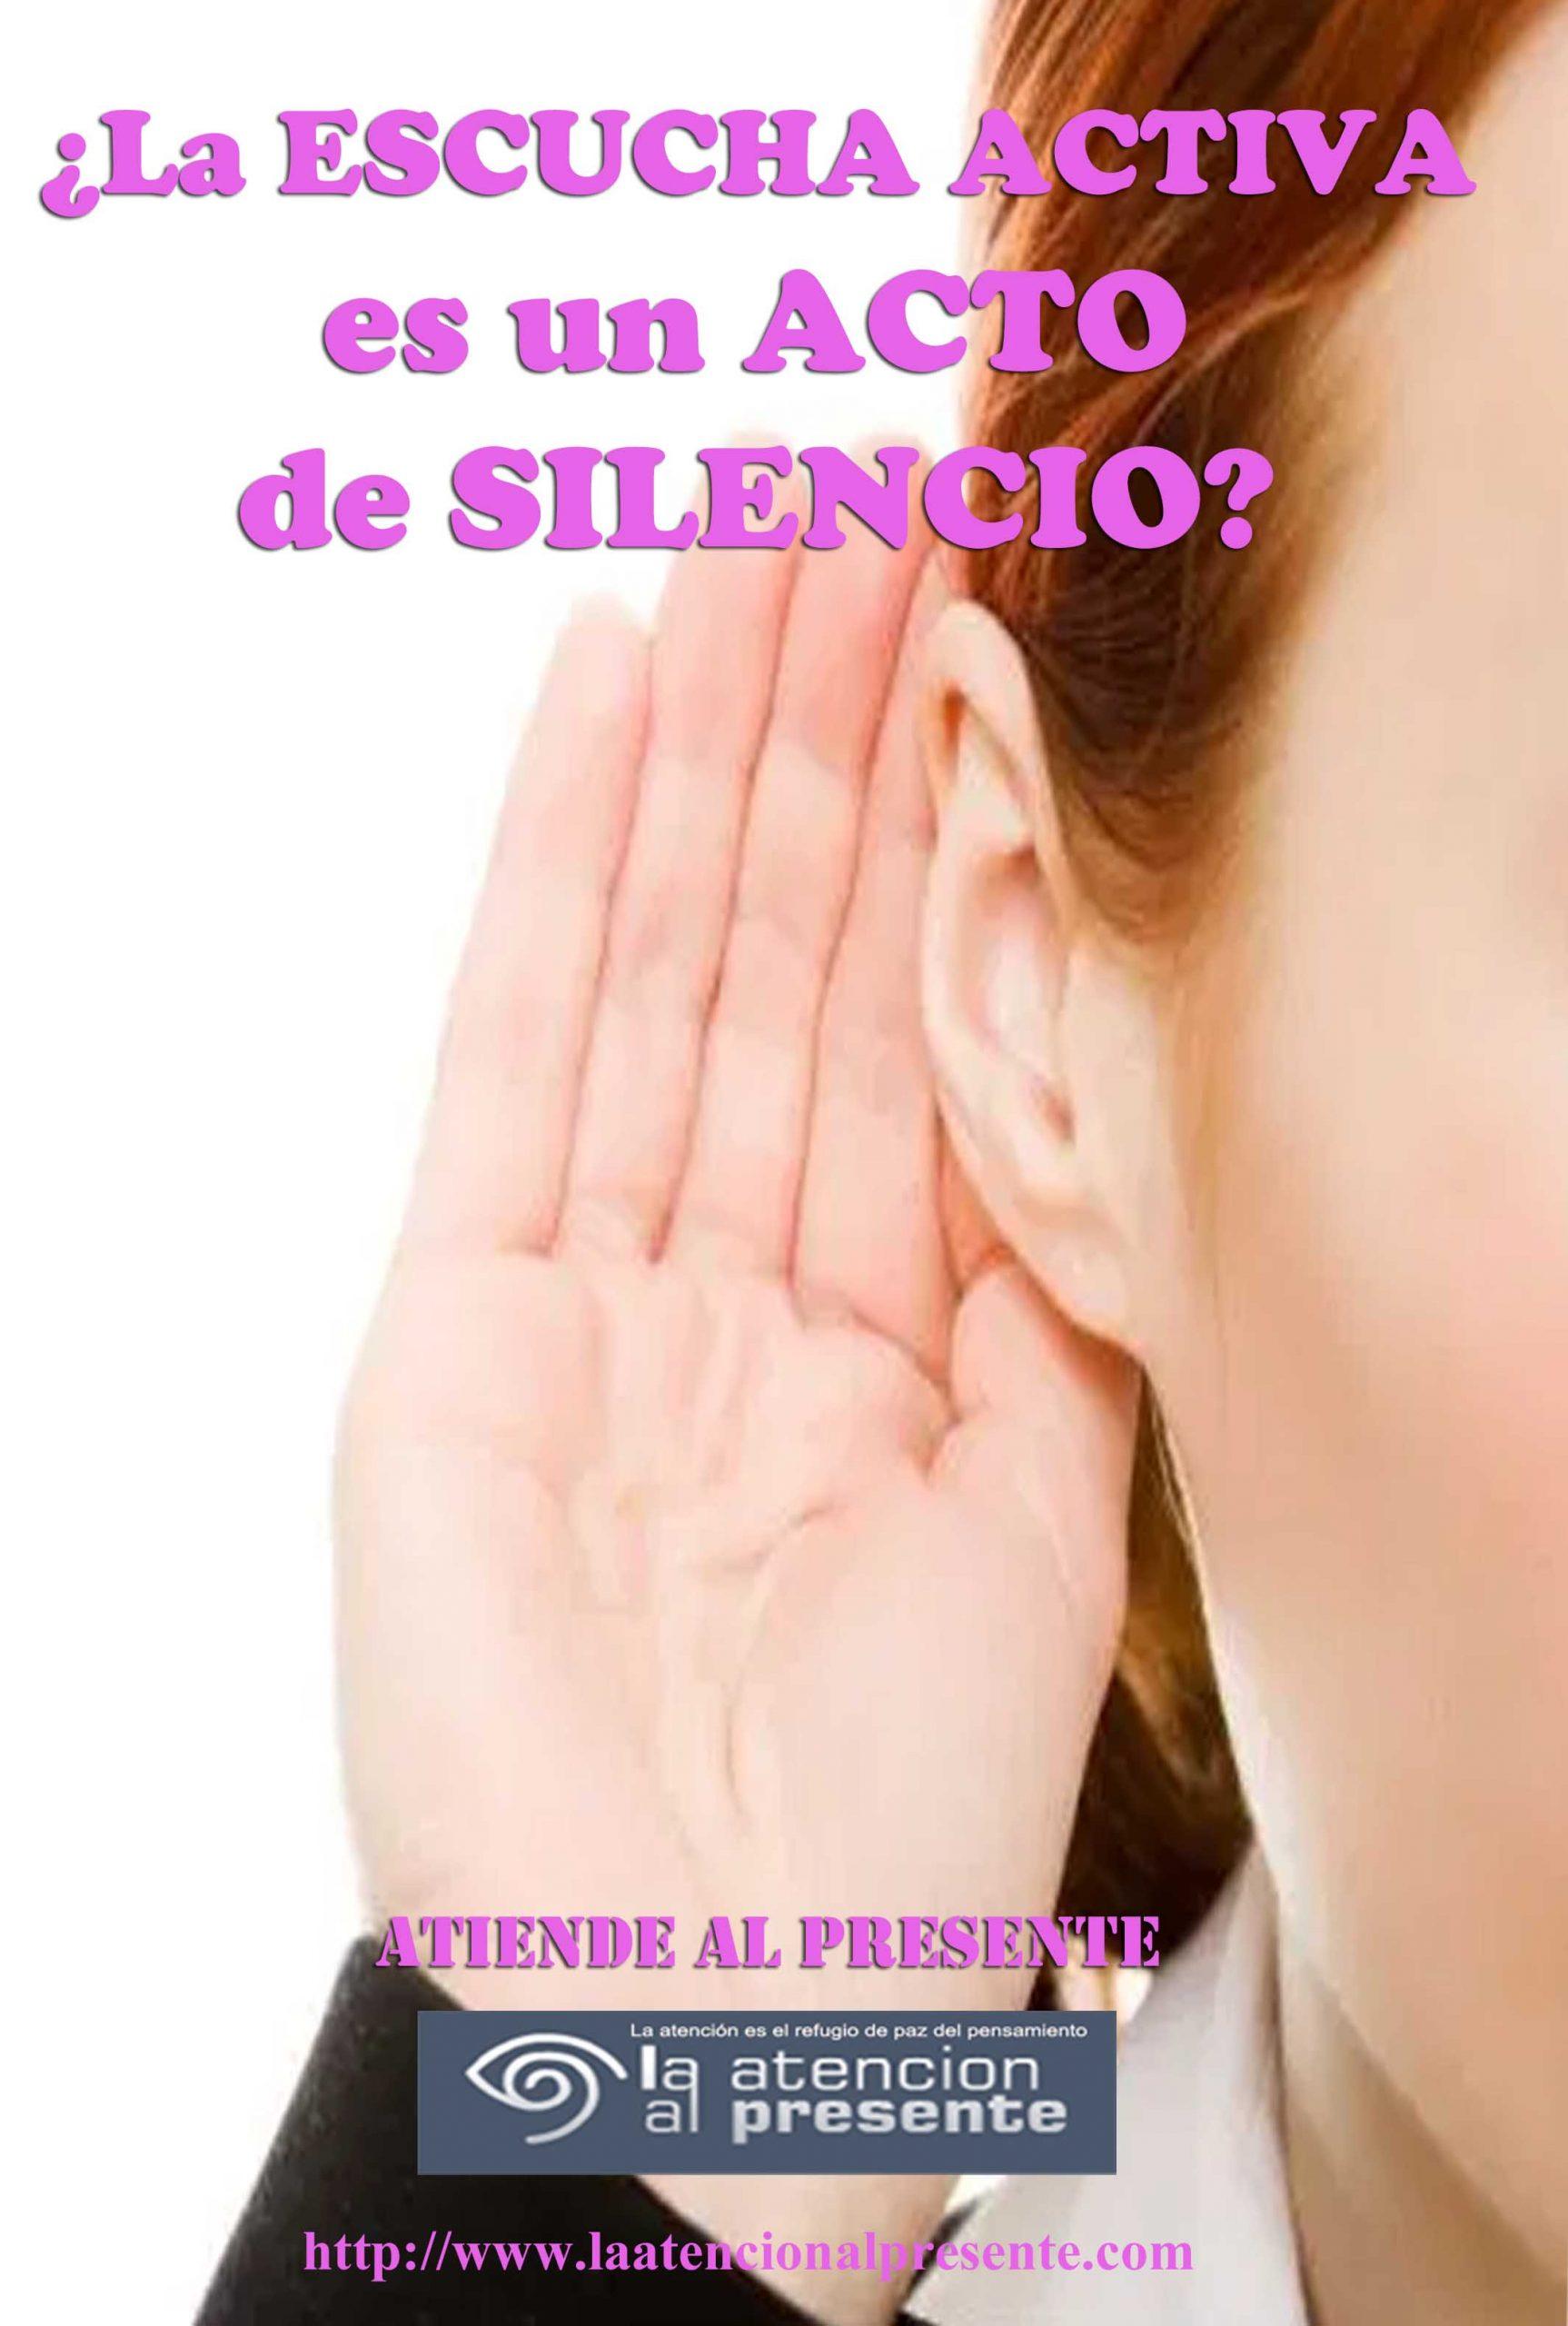 15 de Octubre ISA La ESCUCHA ACTIVA es un ACTO de SILENCIO min scaled